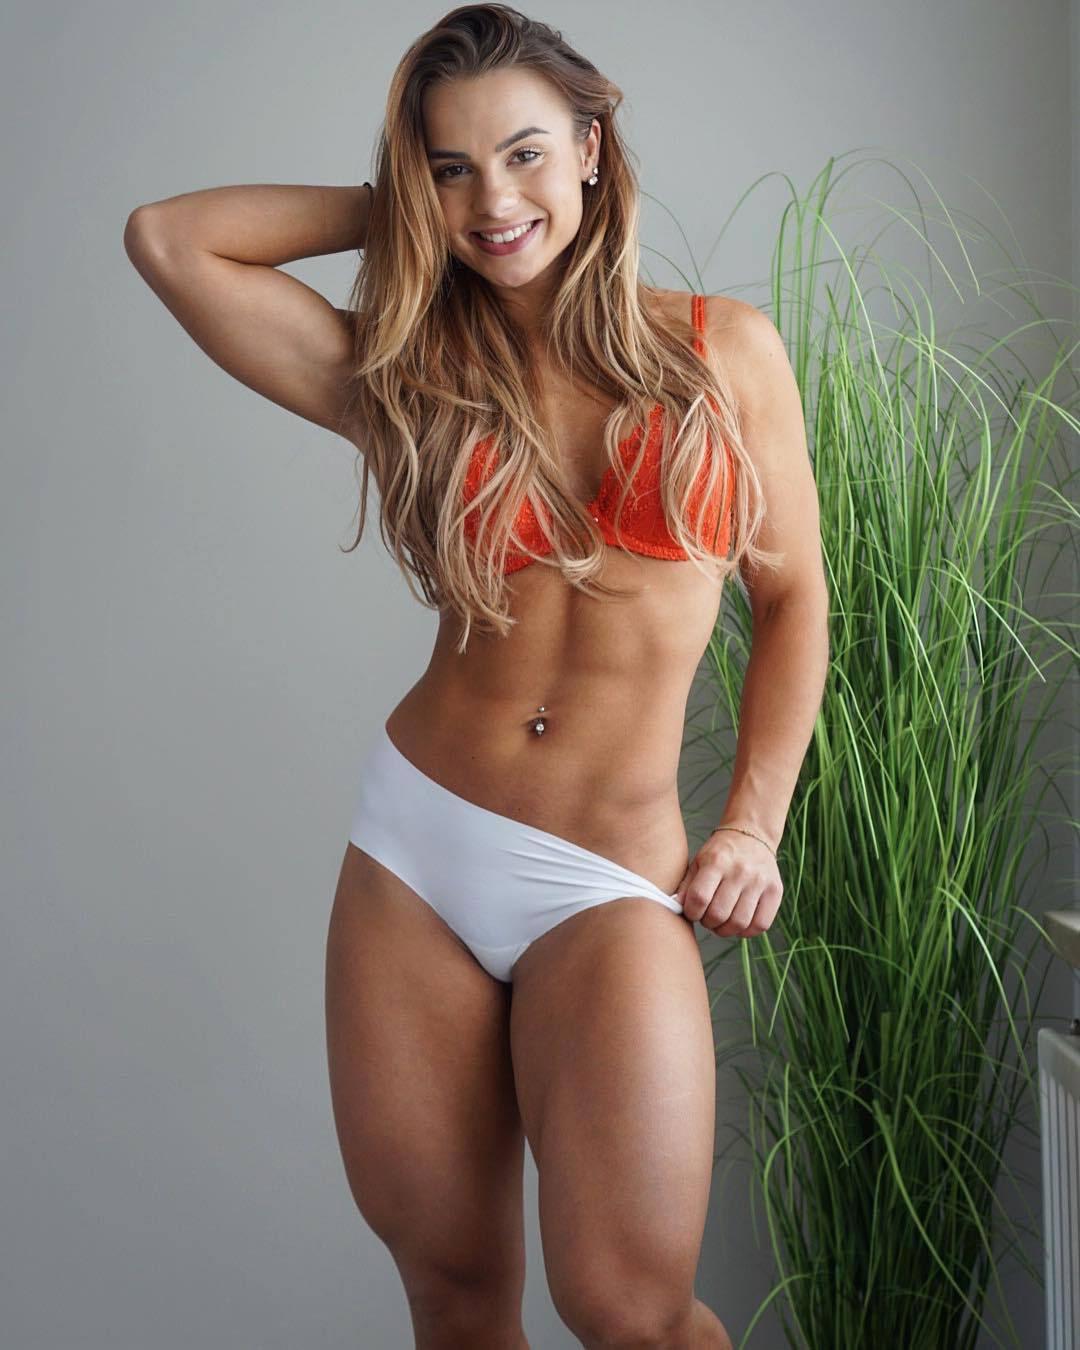 【腹筋エロ画像】擦りたくなるシックスパック!腹筋に自信ある海外美女たち